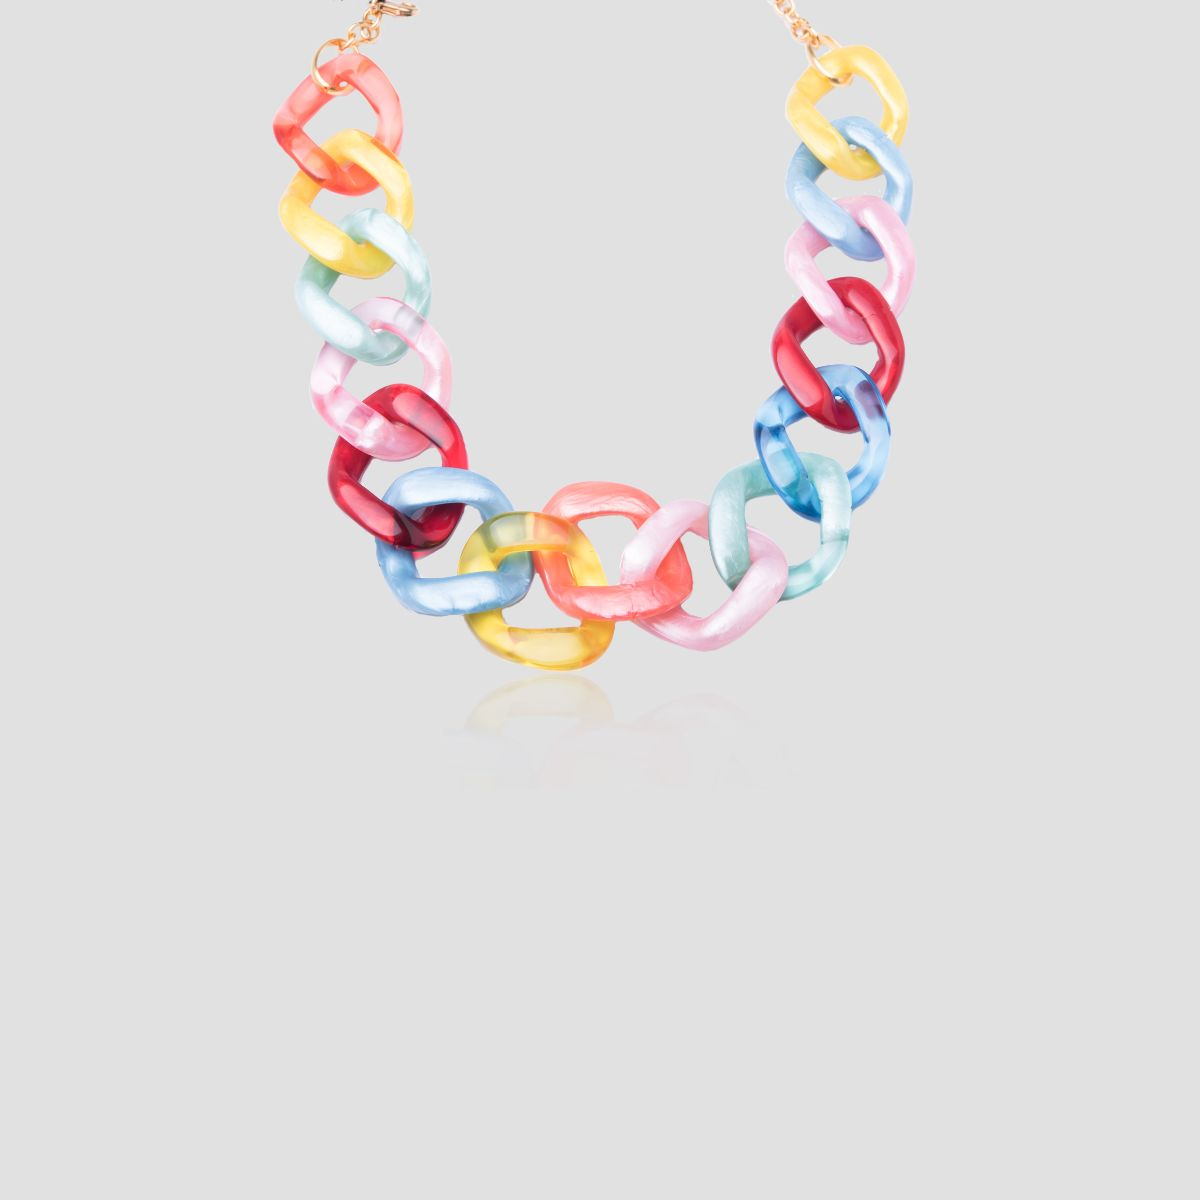 Noemí collar corto de ligera resina multicolor nacarada en forma de cadena de eslabones multicolor